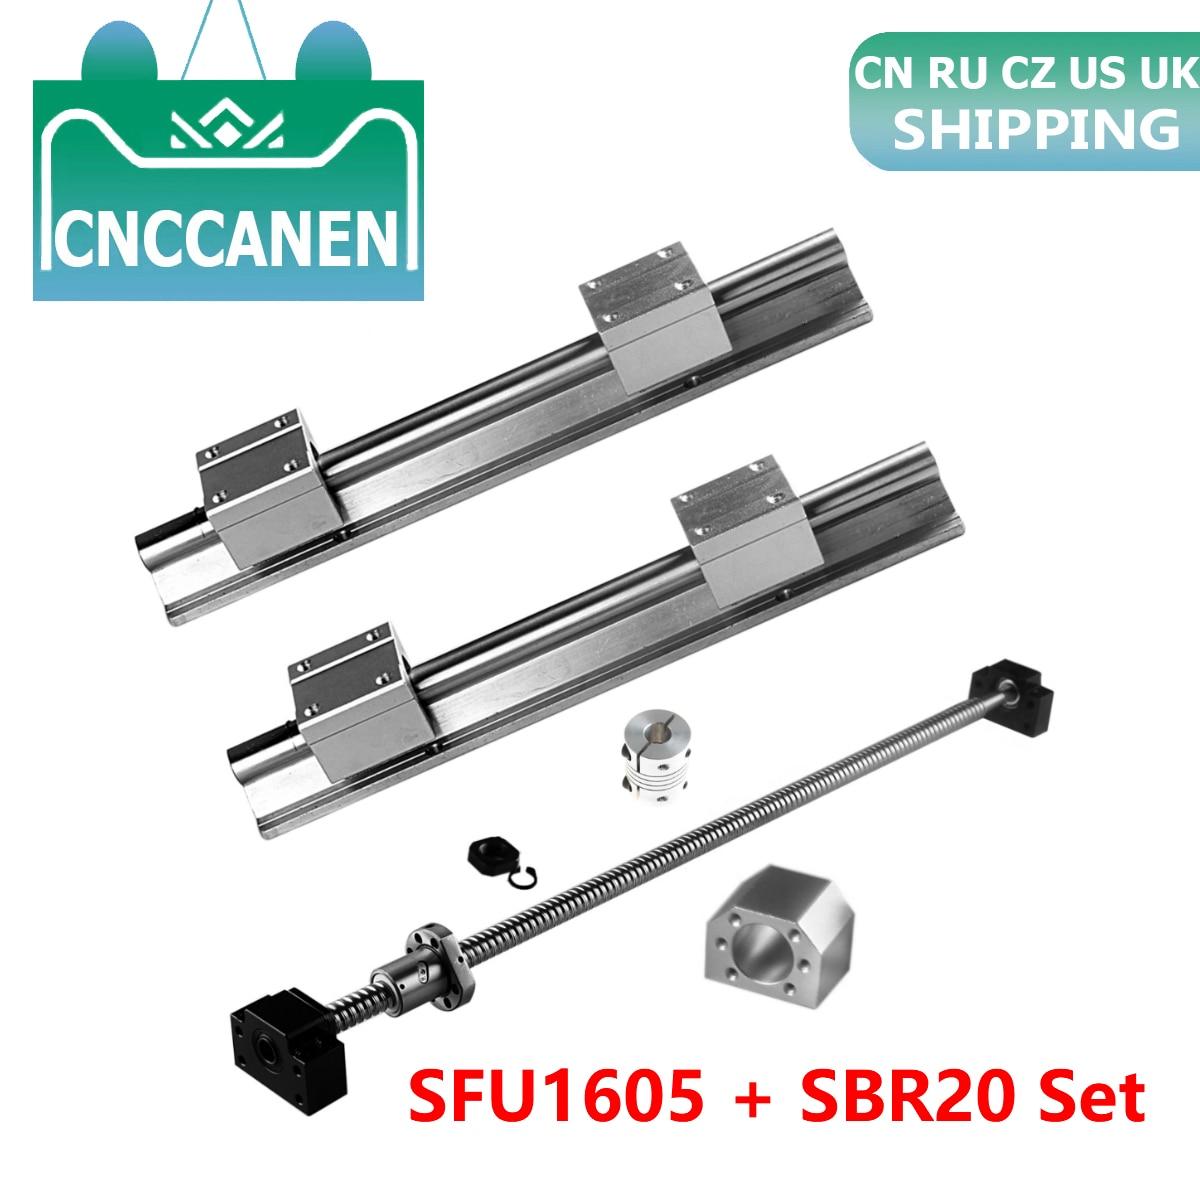 2 قطعة SBR20 خطي السكك الحديدية دعم + 4 قطعة SBR20UU كتلة تحمل + SFU1605 الكرة المسمار نهاية تشكيله + الجوز الإسكان + BKBF12 دعم + المقرنة مجموعة